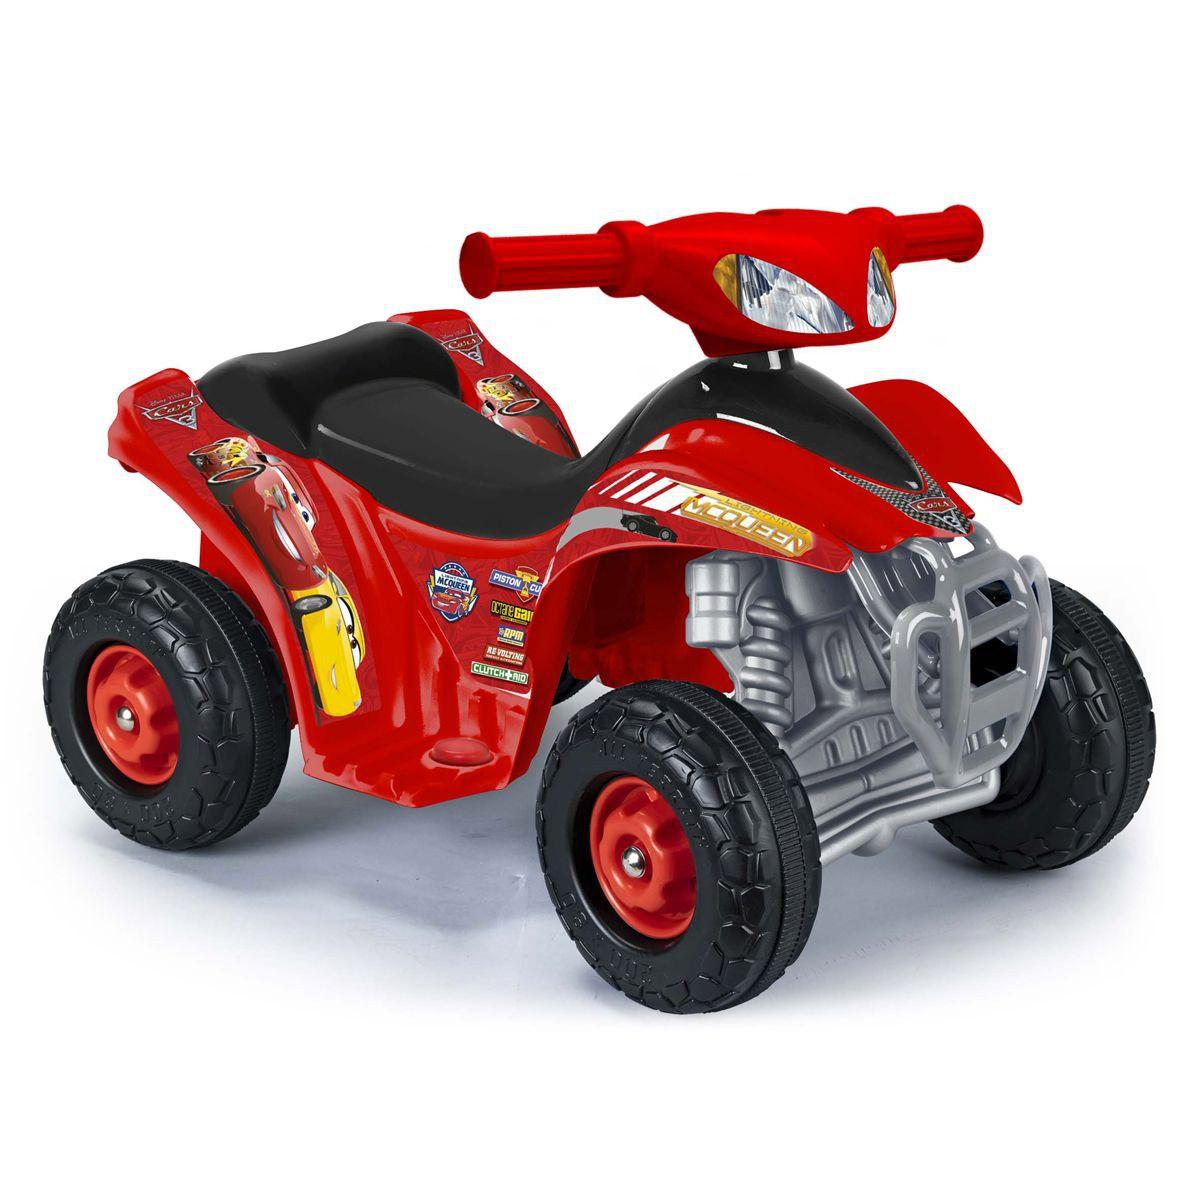 3 6v ÉlectriqueQuad Cars Véhicule Disney nwk8PX0O